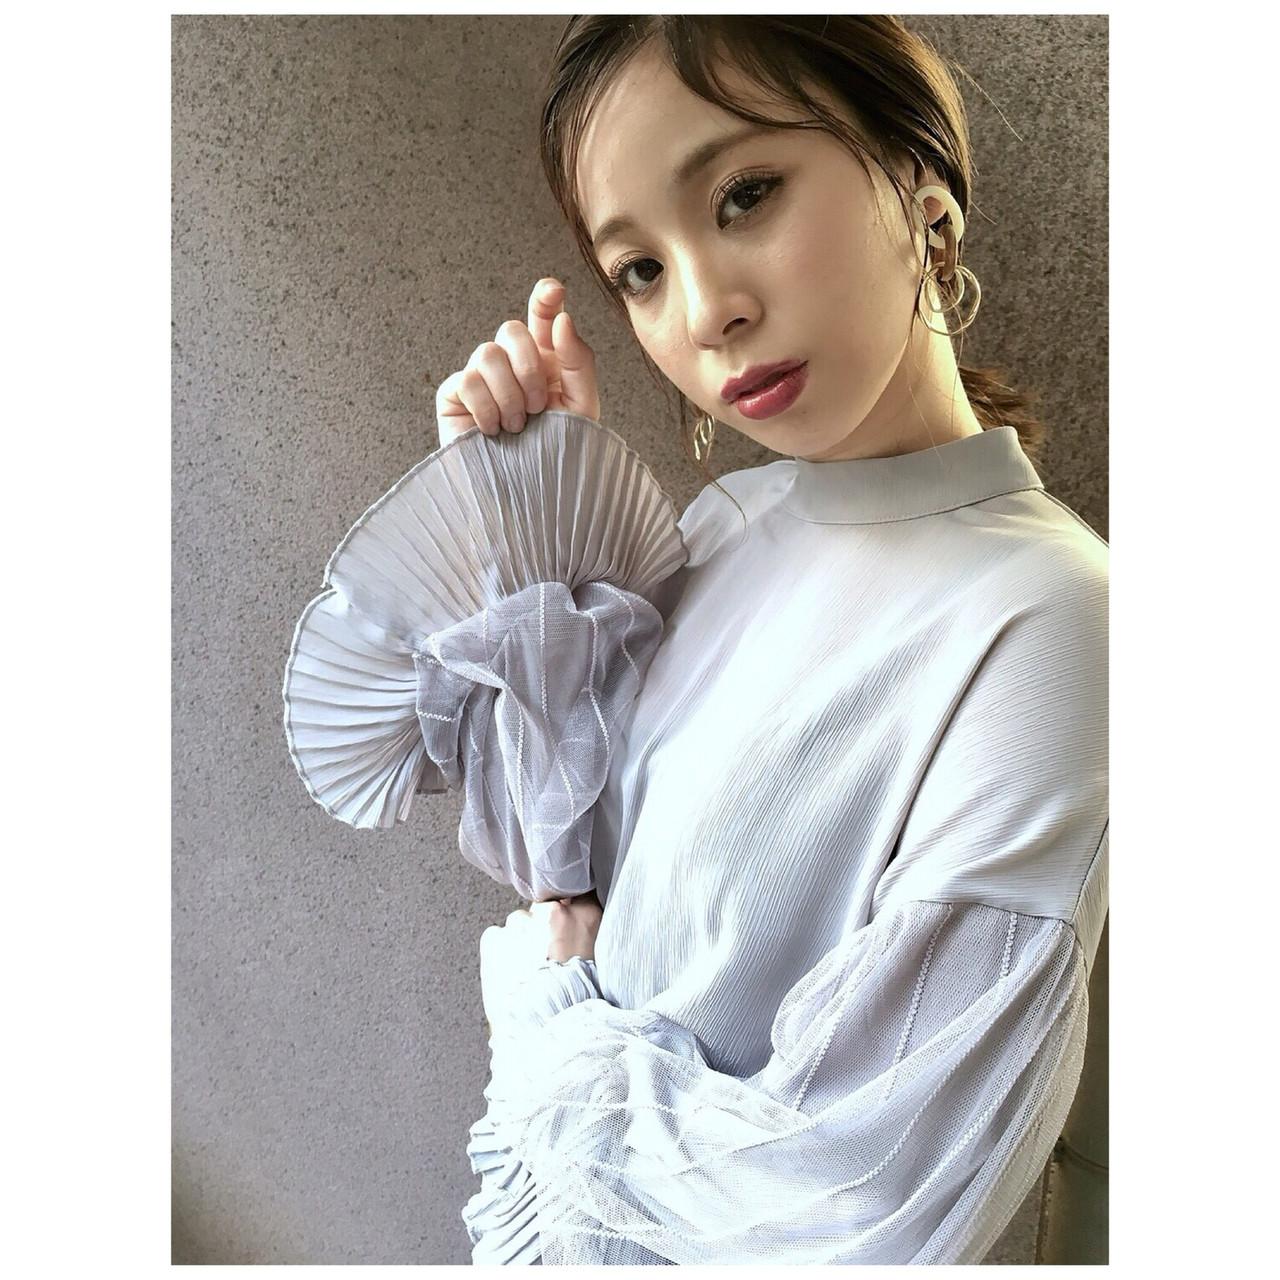 ヘアアレンジ クラシカル 大人カジュアル デート ヘアスタイルや髪型の写真・画像 | Yumi Hiramatsu / Sourire Imaizumi【スーリール イマイズミ】